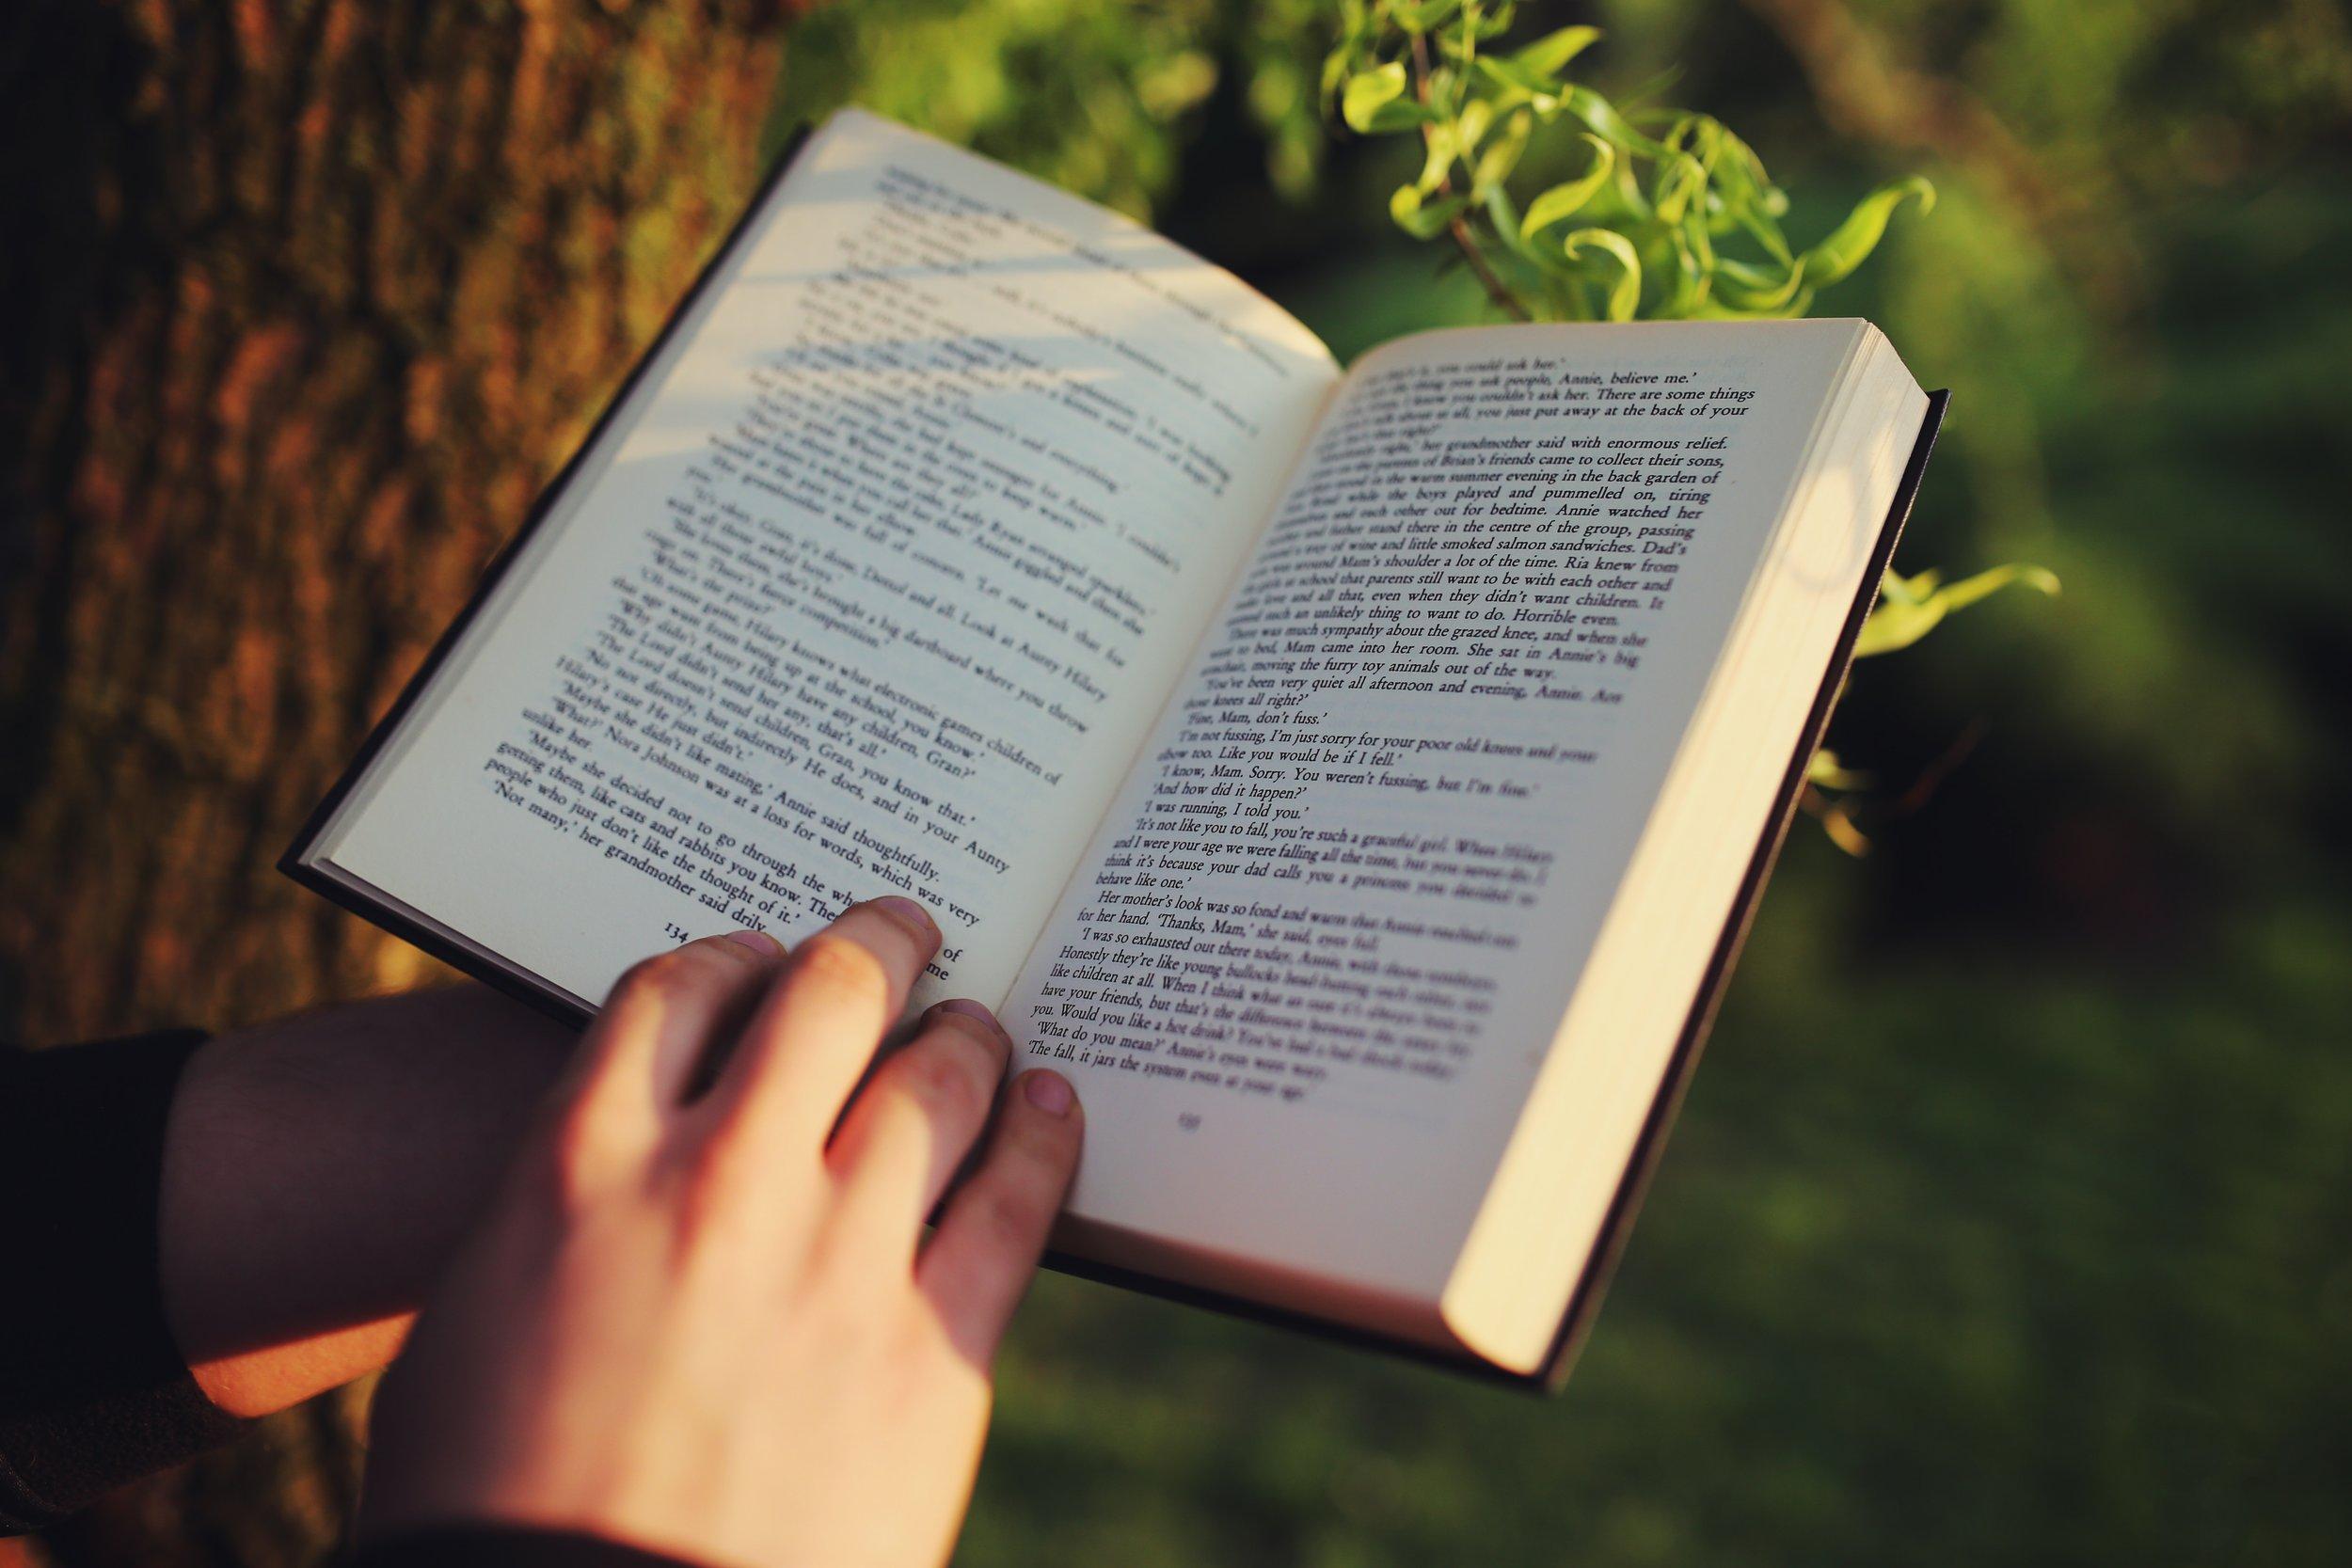 book-hobby-learning-5821.jpg